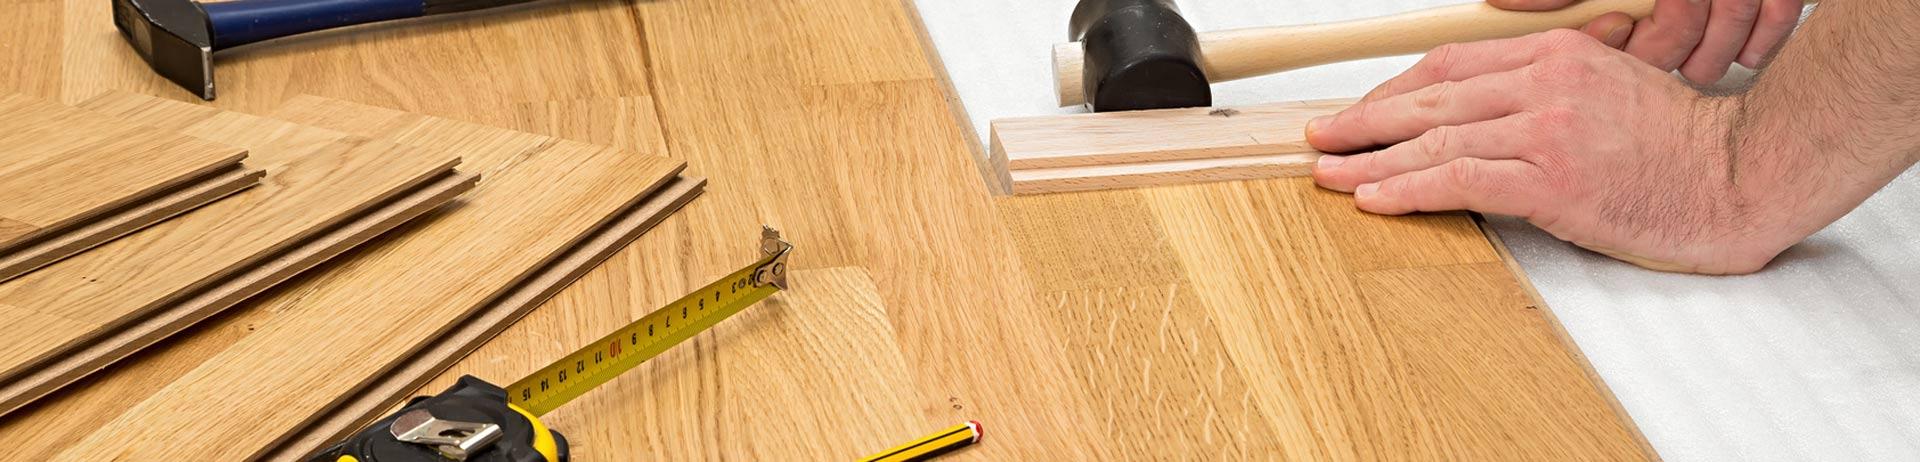 Schön Beste Küchenboden Teppiche Ideen - Ideen Für Die Küche ...